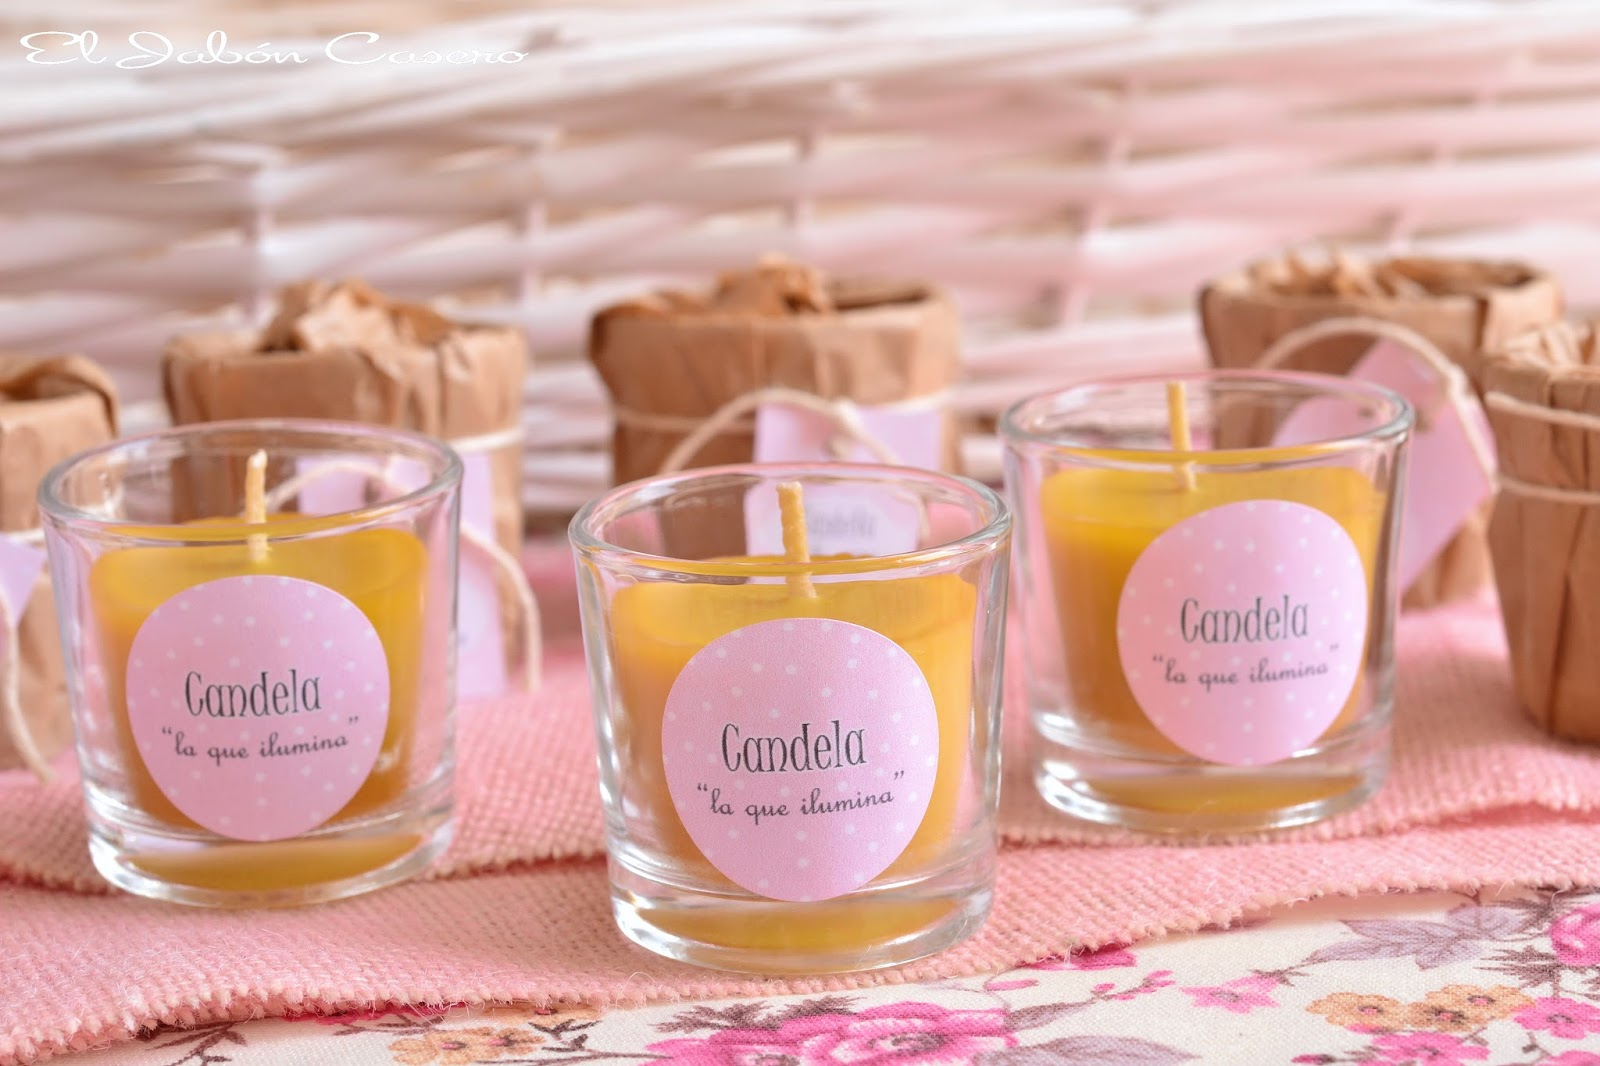 El jab n casero bautizos detalles naturales para - Etiquetas para velas ...